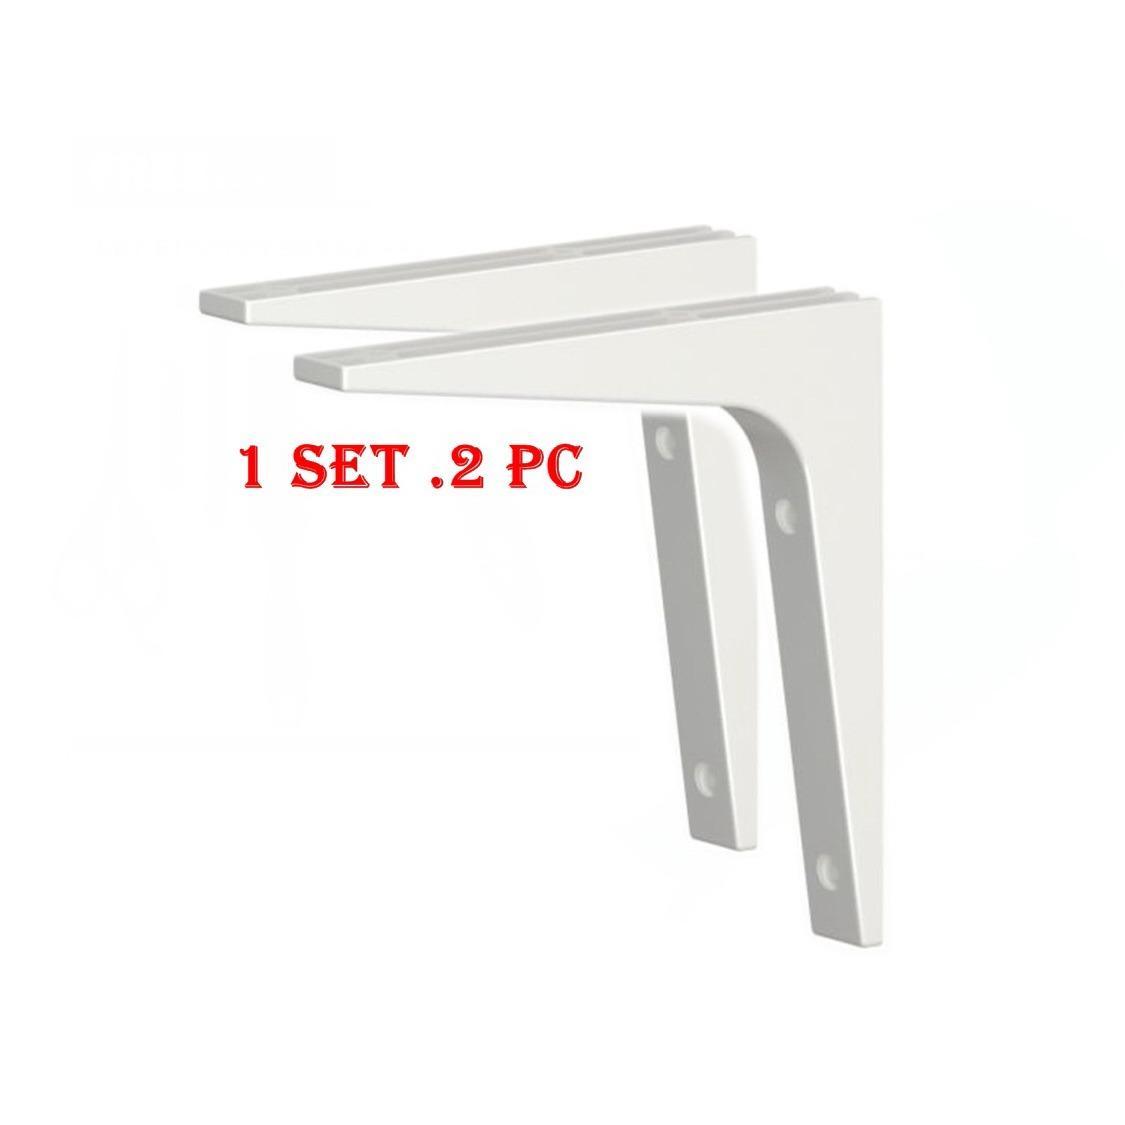 Ikea EKBY STODIS Braket Siku 2 Pcs - Braket Minimalis Serbaguna dan Multifungsi